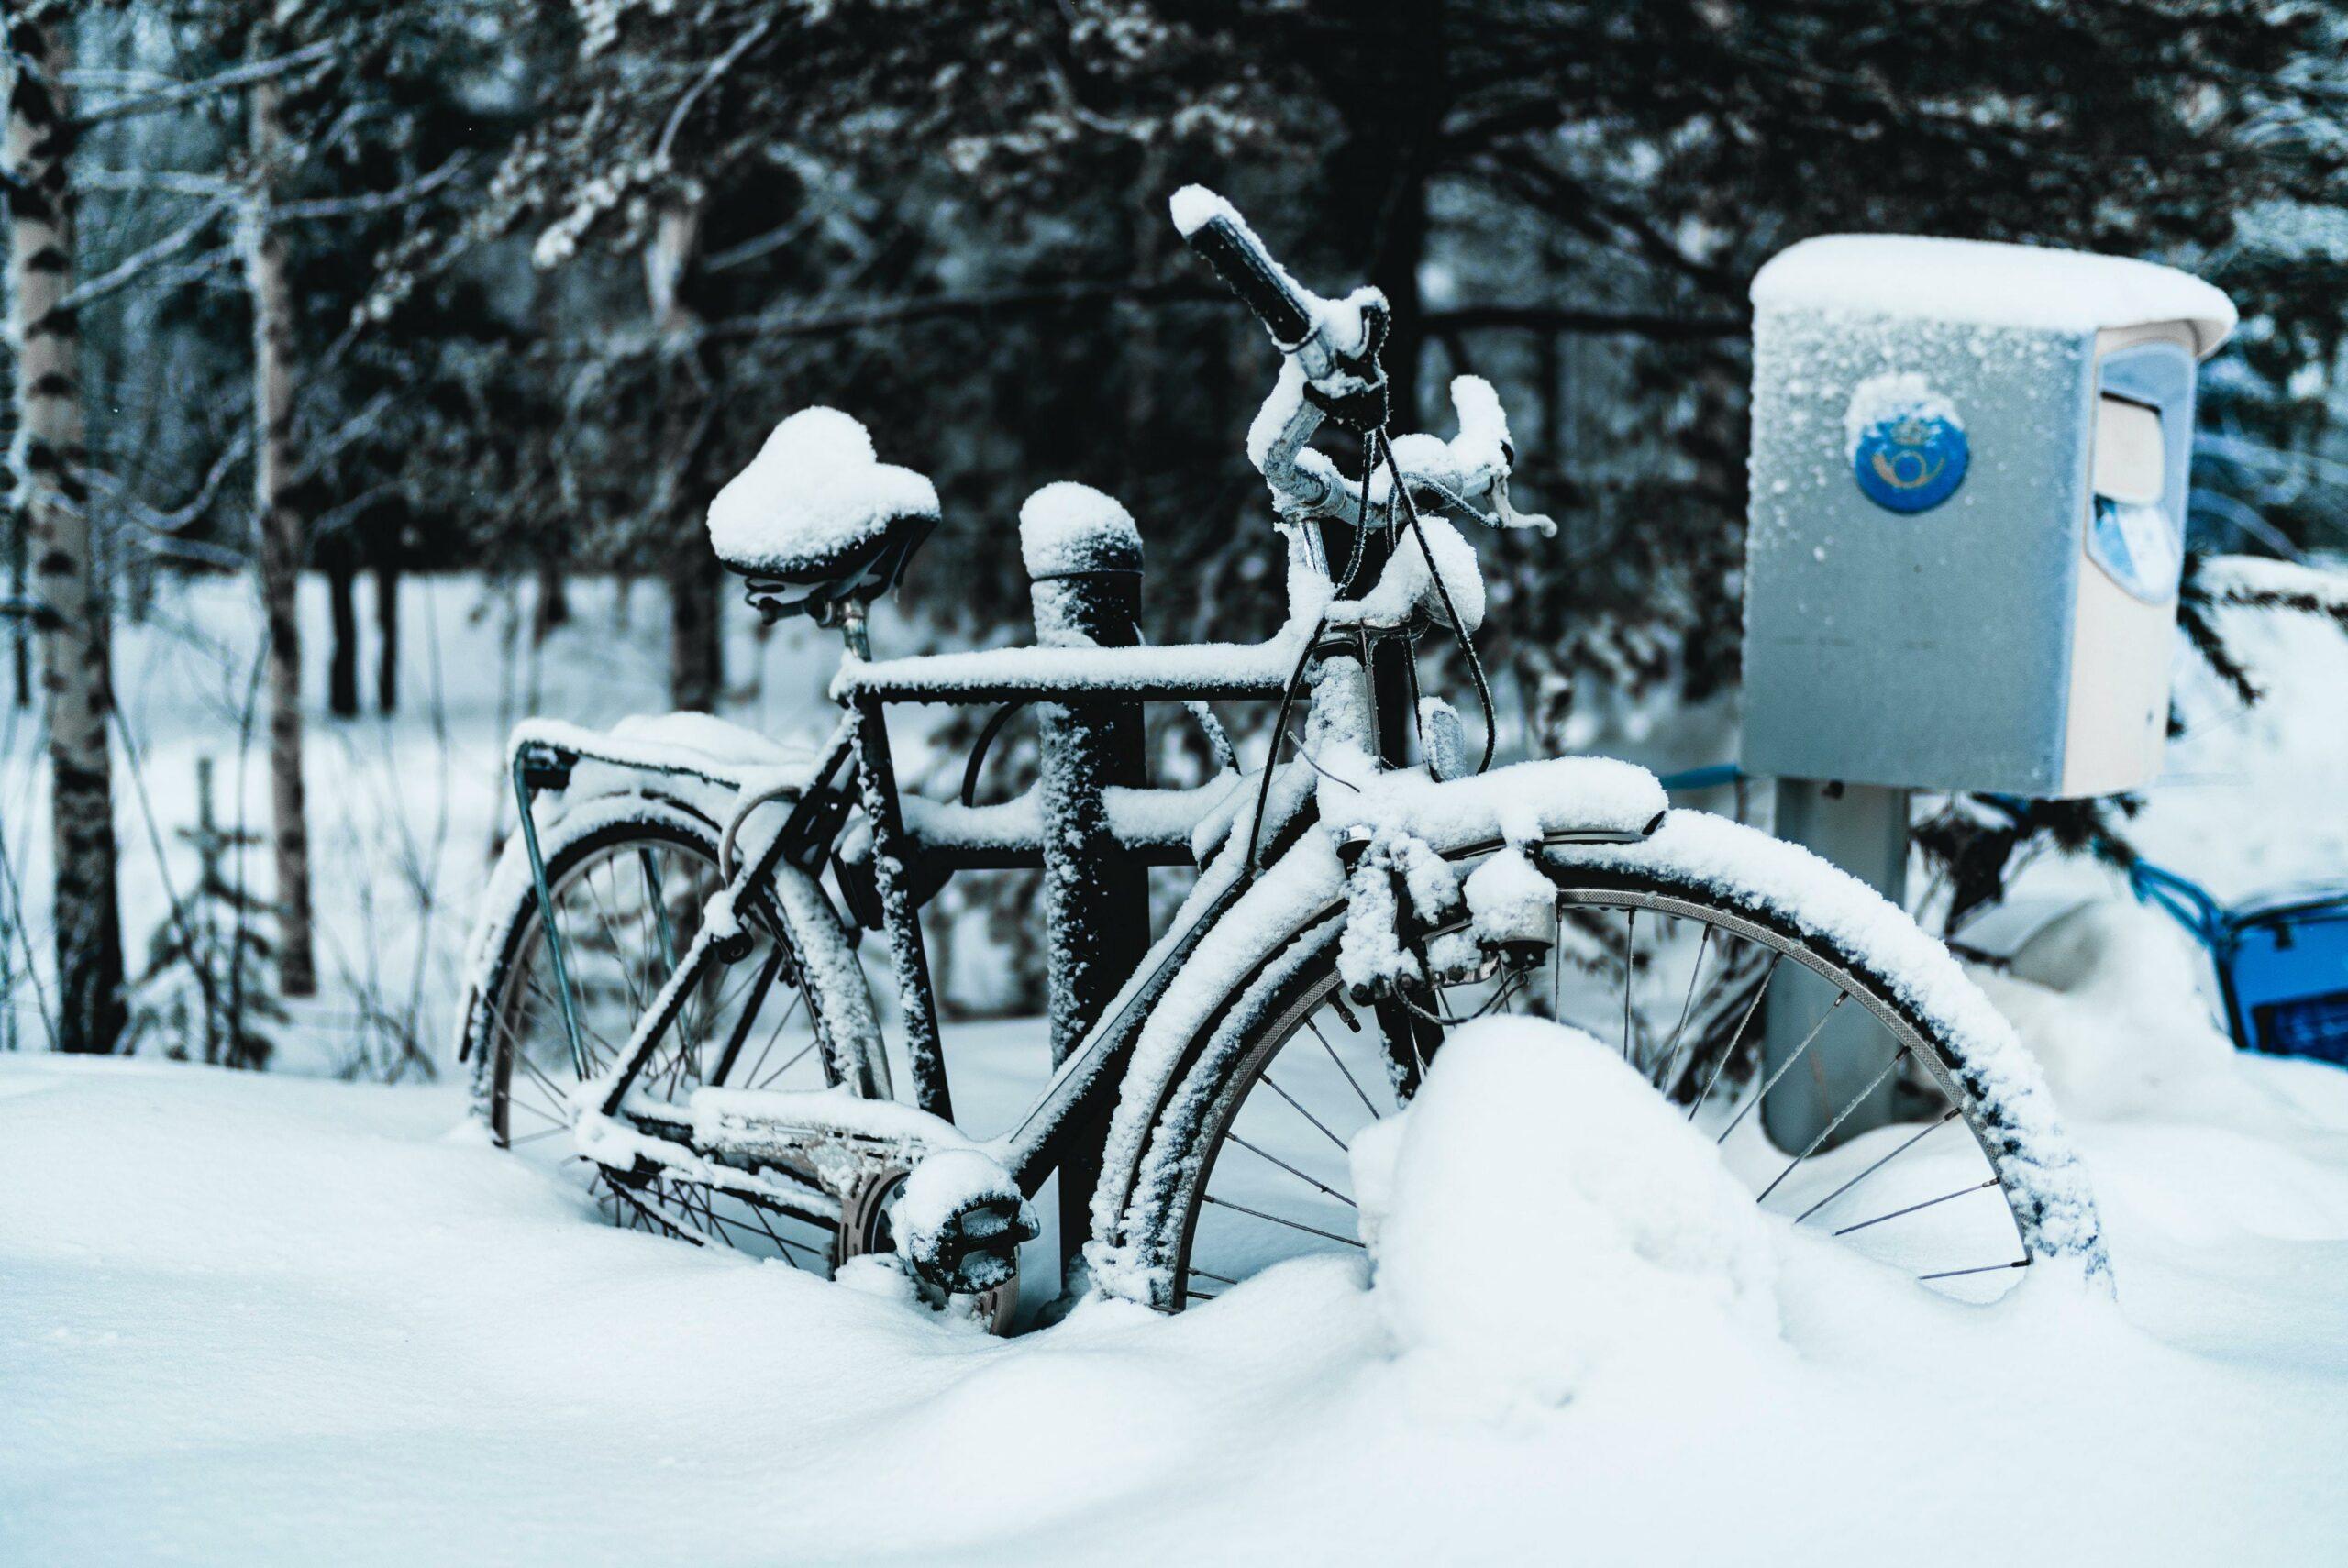 Winterbeurt voor slechts 135,00 euro bij Wielershop Achel